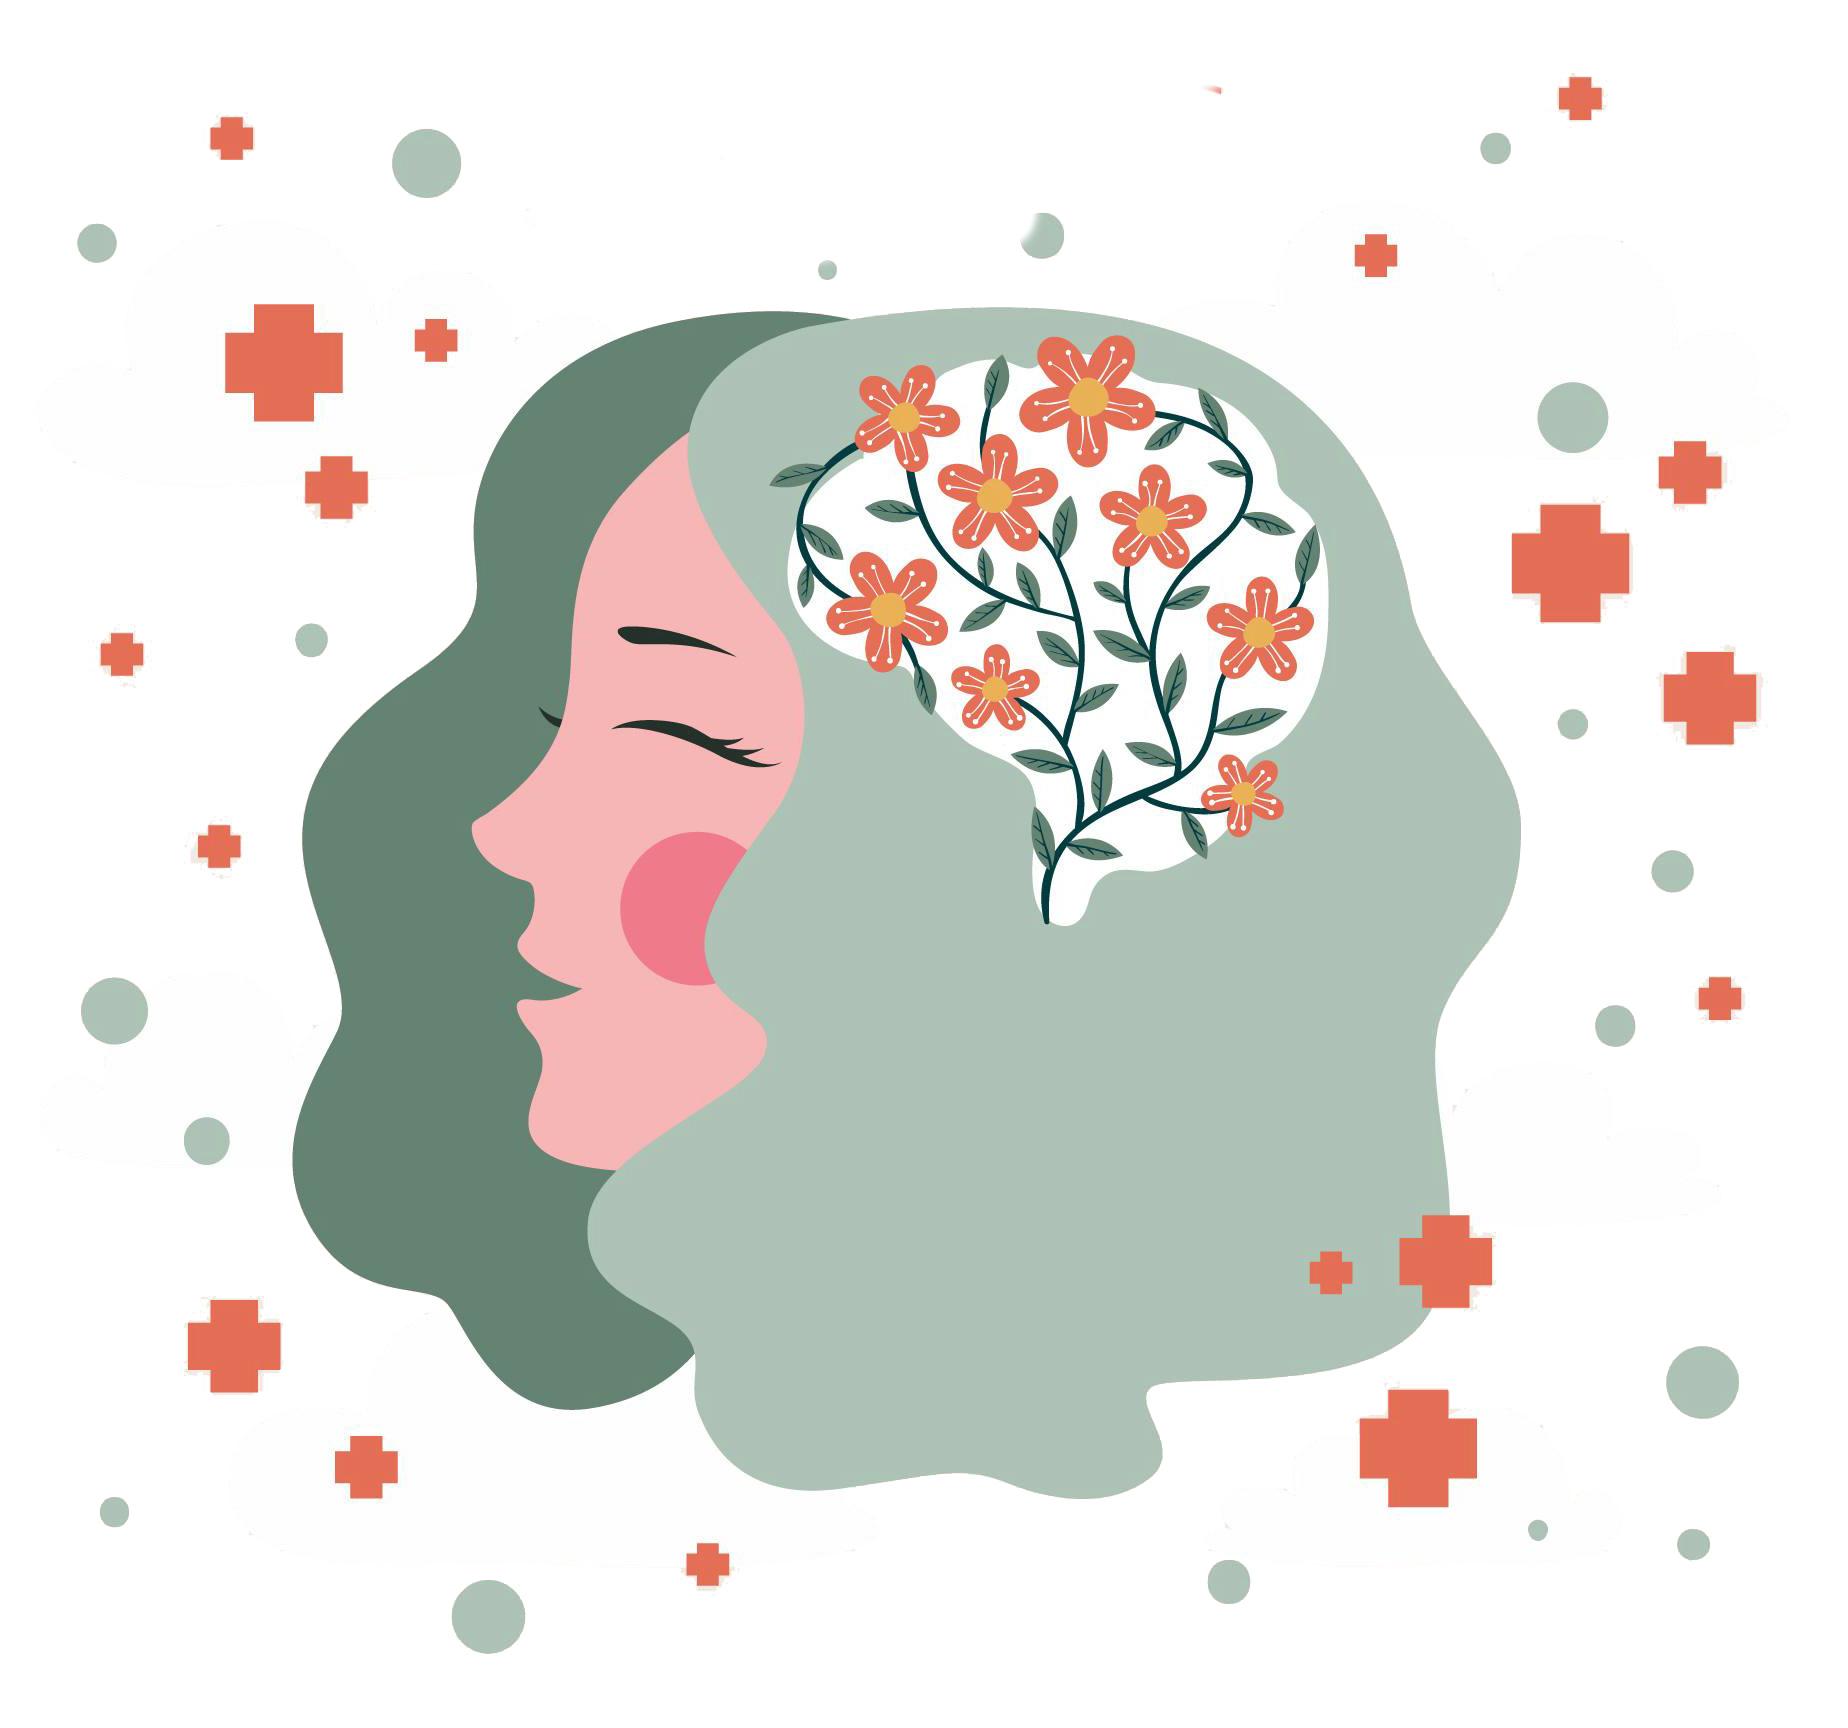 Il Benessere nasce da dentro: la prevenzione psicologica come strumento di salute